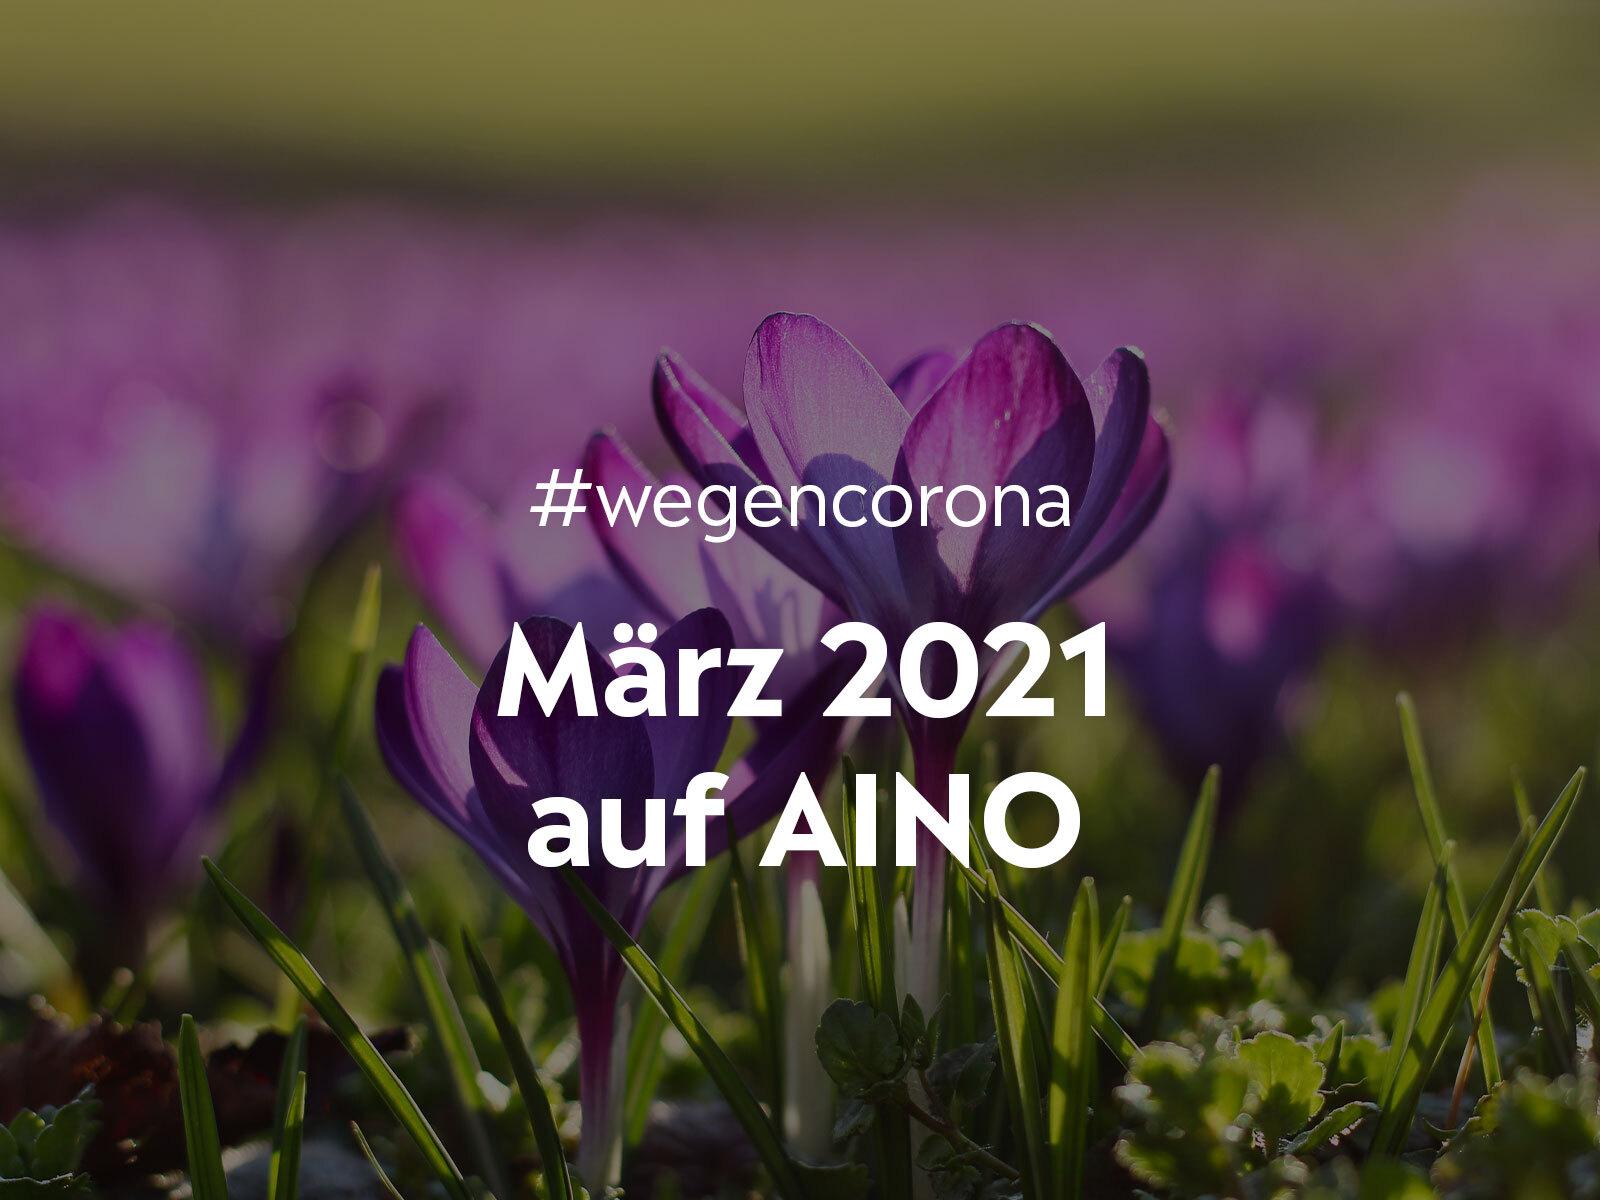 #wegencorona: Das macht AINO für dich im März